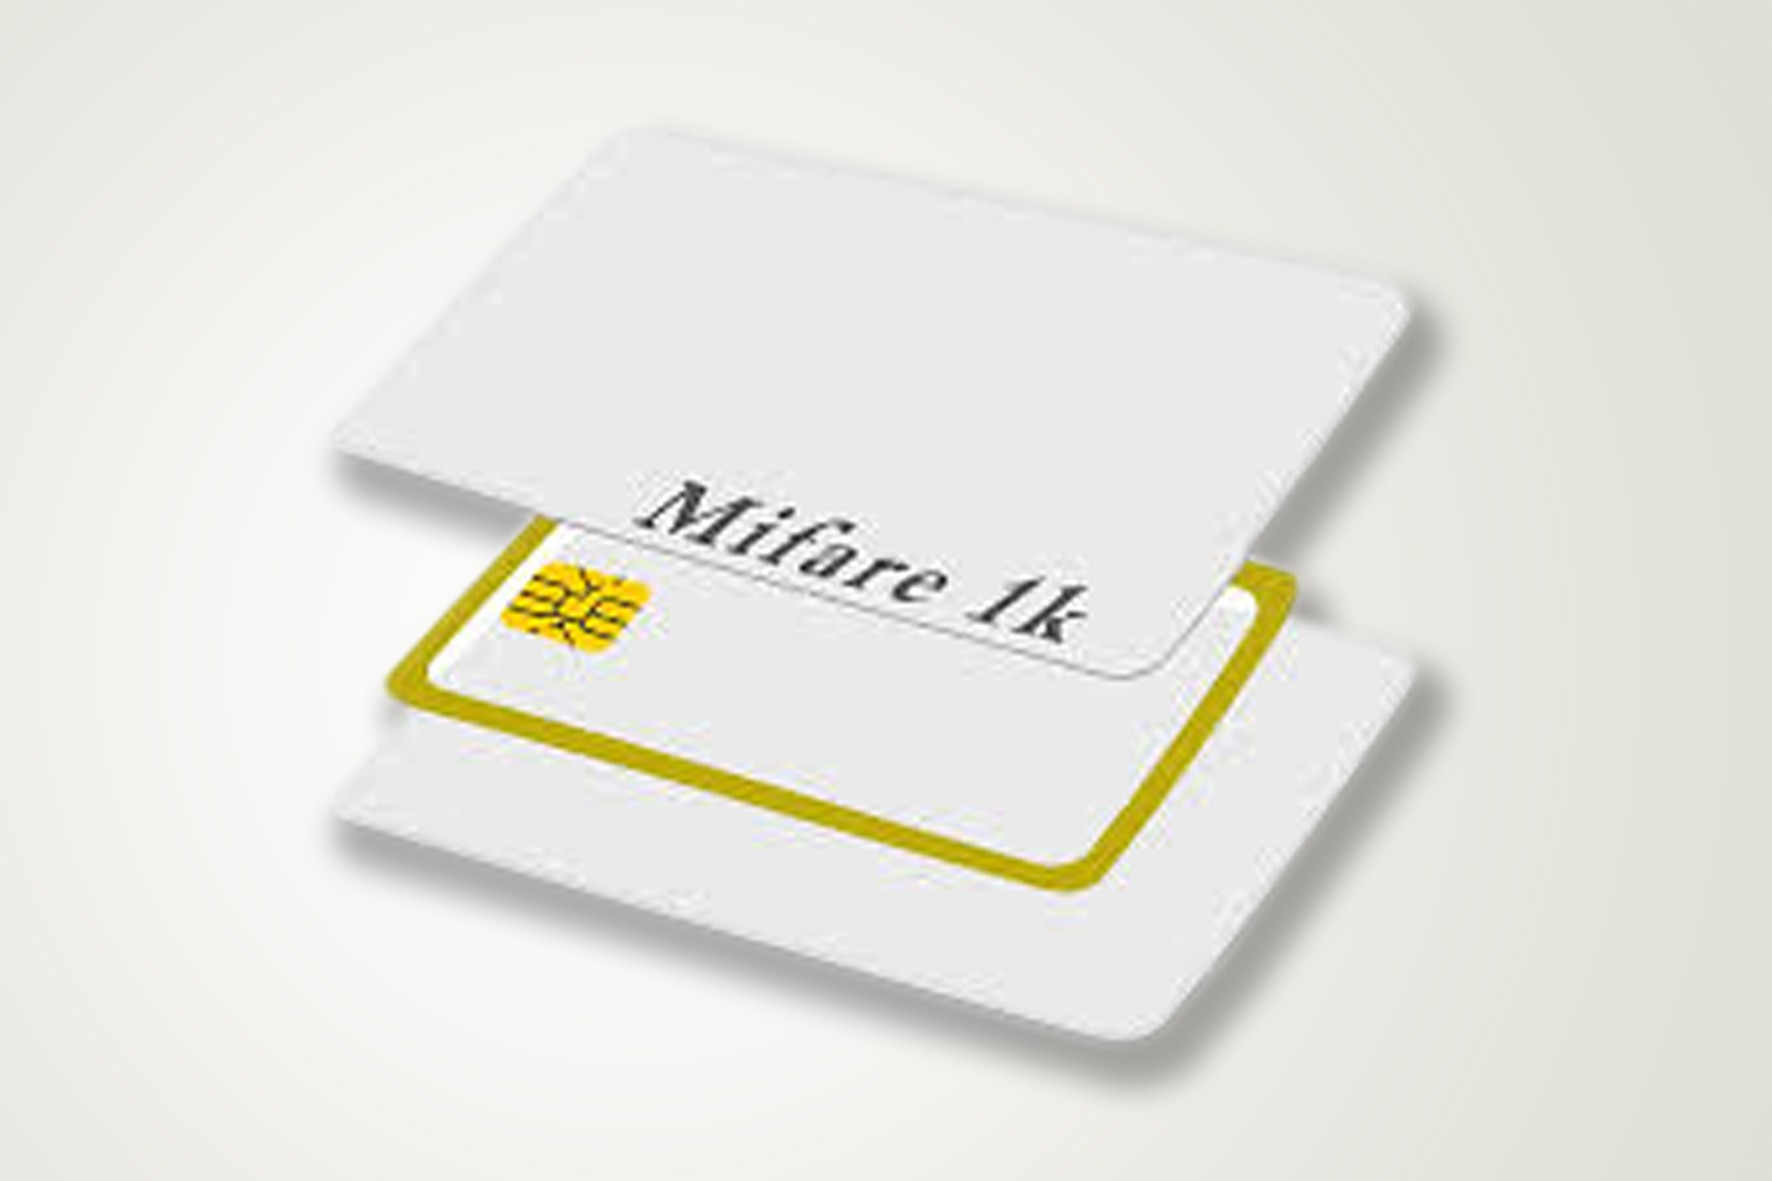 Cartões Mifare no Conjunto Residencial Fazzione - Cartão Fidelidade